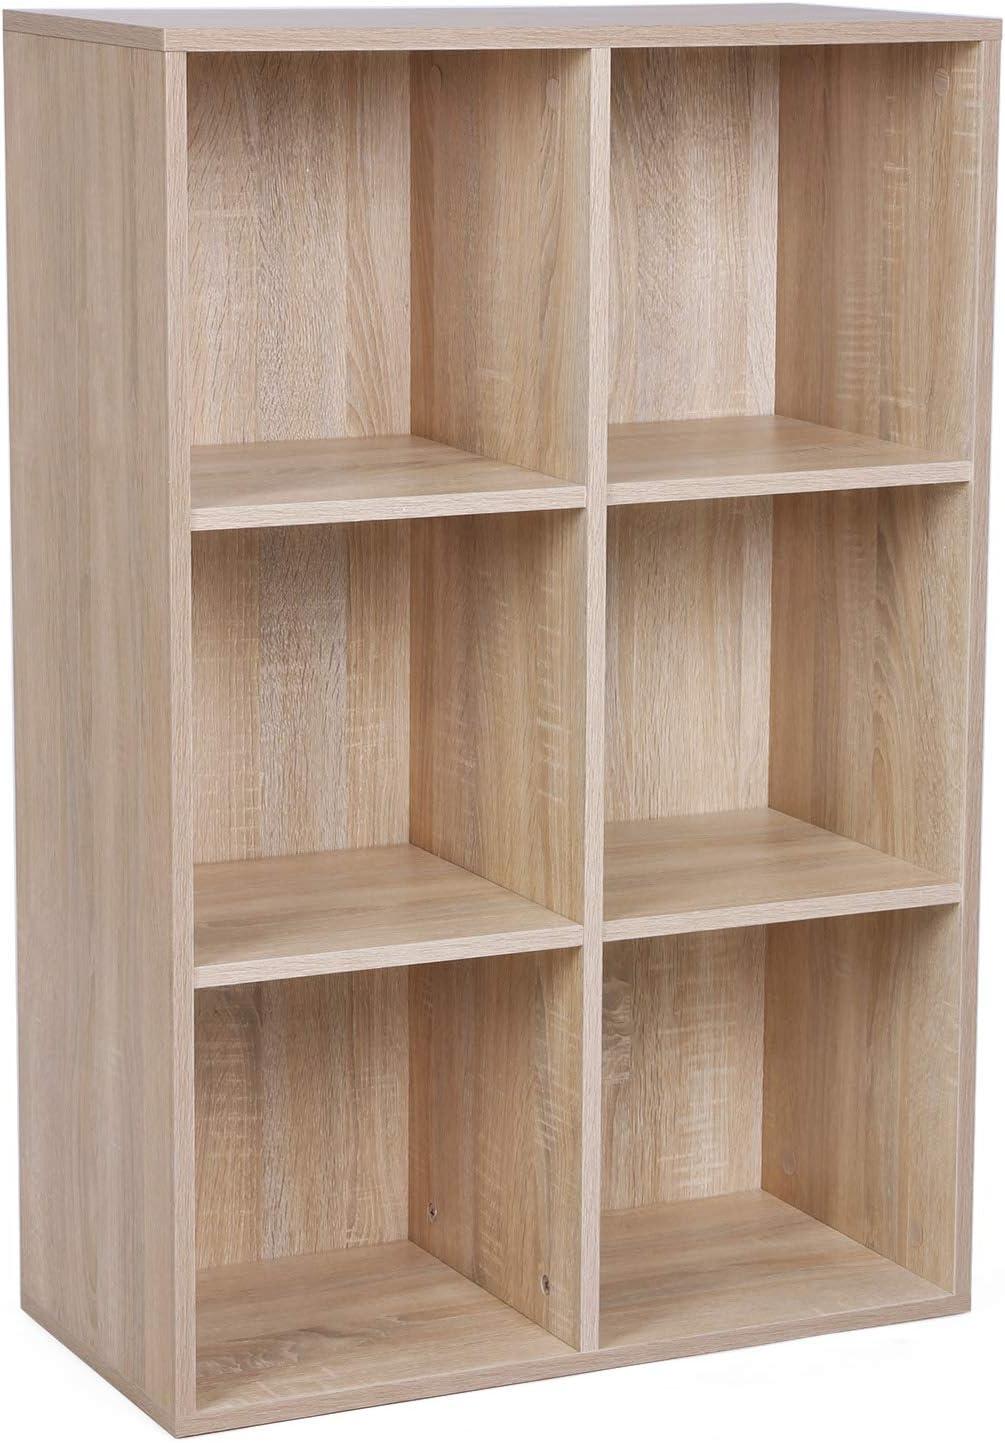 VASAGLE Estantería de Madera, Biblioteca, Organizador con 6 Compertimientos, 65,5 x 30,5 x 97,5 cm, Color Roble LBC203H